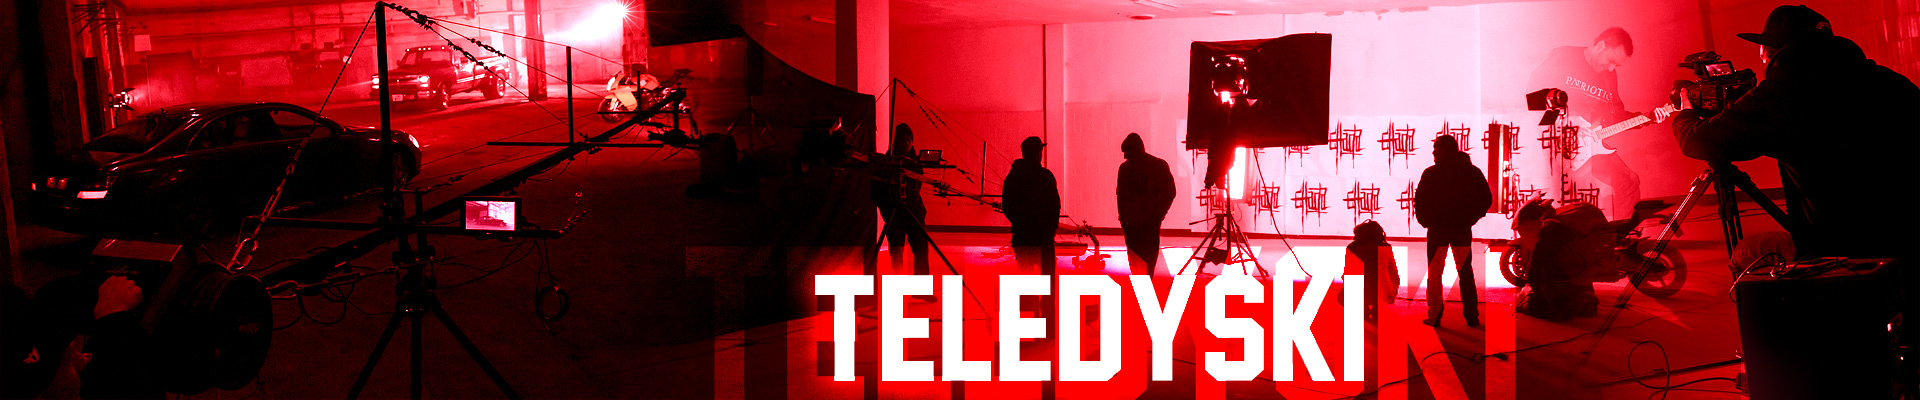 teledyski step records